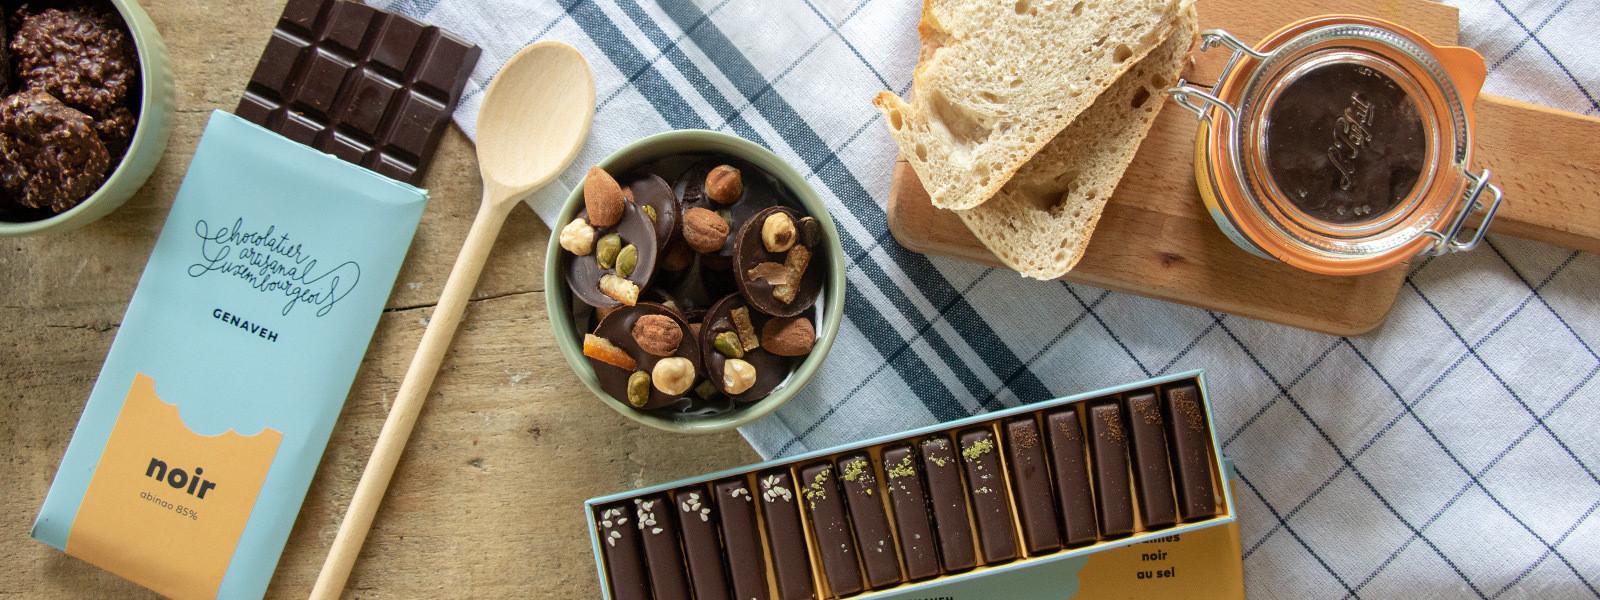 Genaveh, l'option végane et gourmande pour votre pique-nique. (Photo: Genaveh)